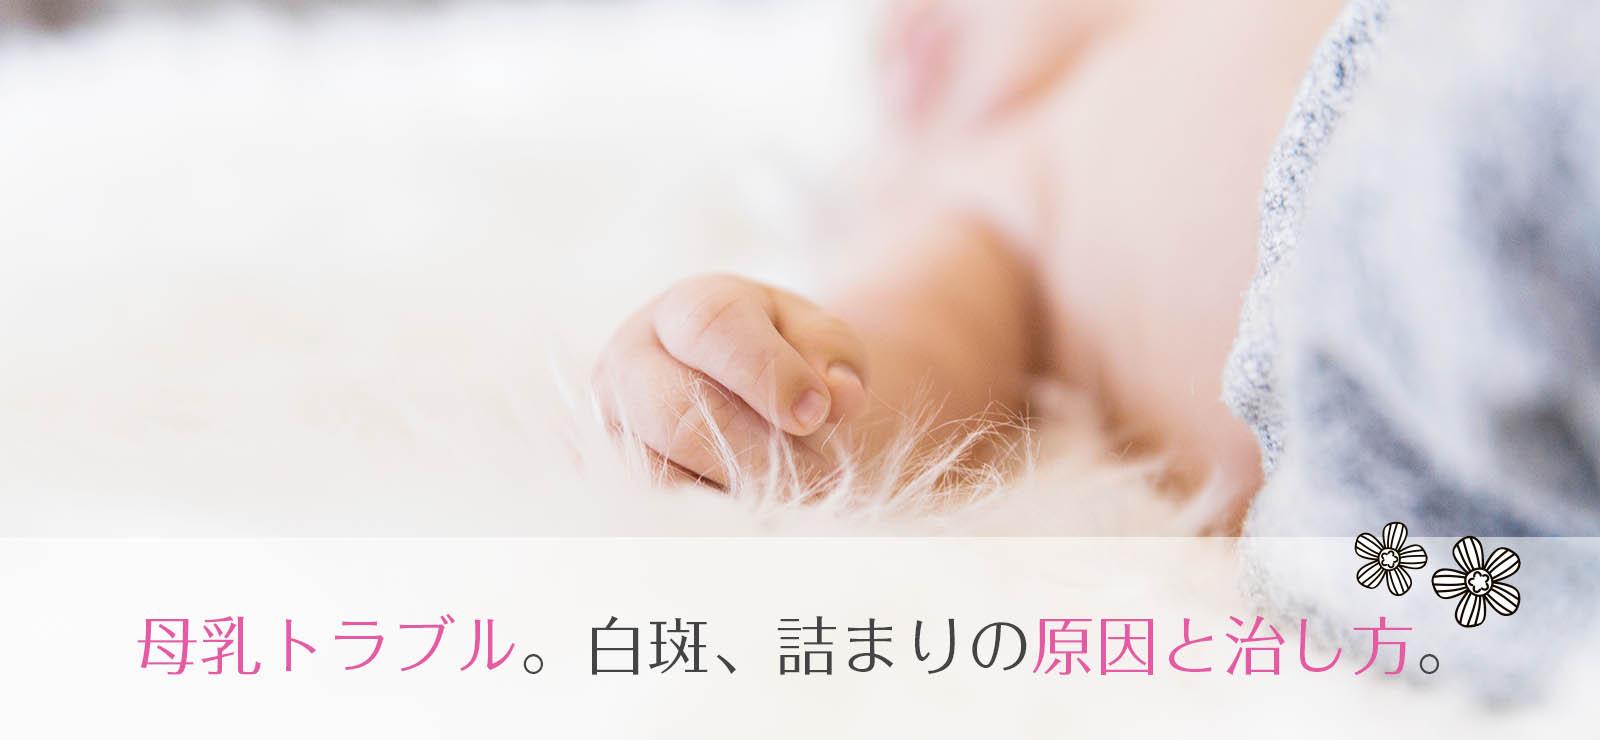 母乳トラブル。白斑、詰まりの原因と治し方。悶絶するほど痛い!